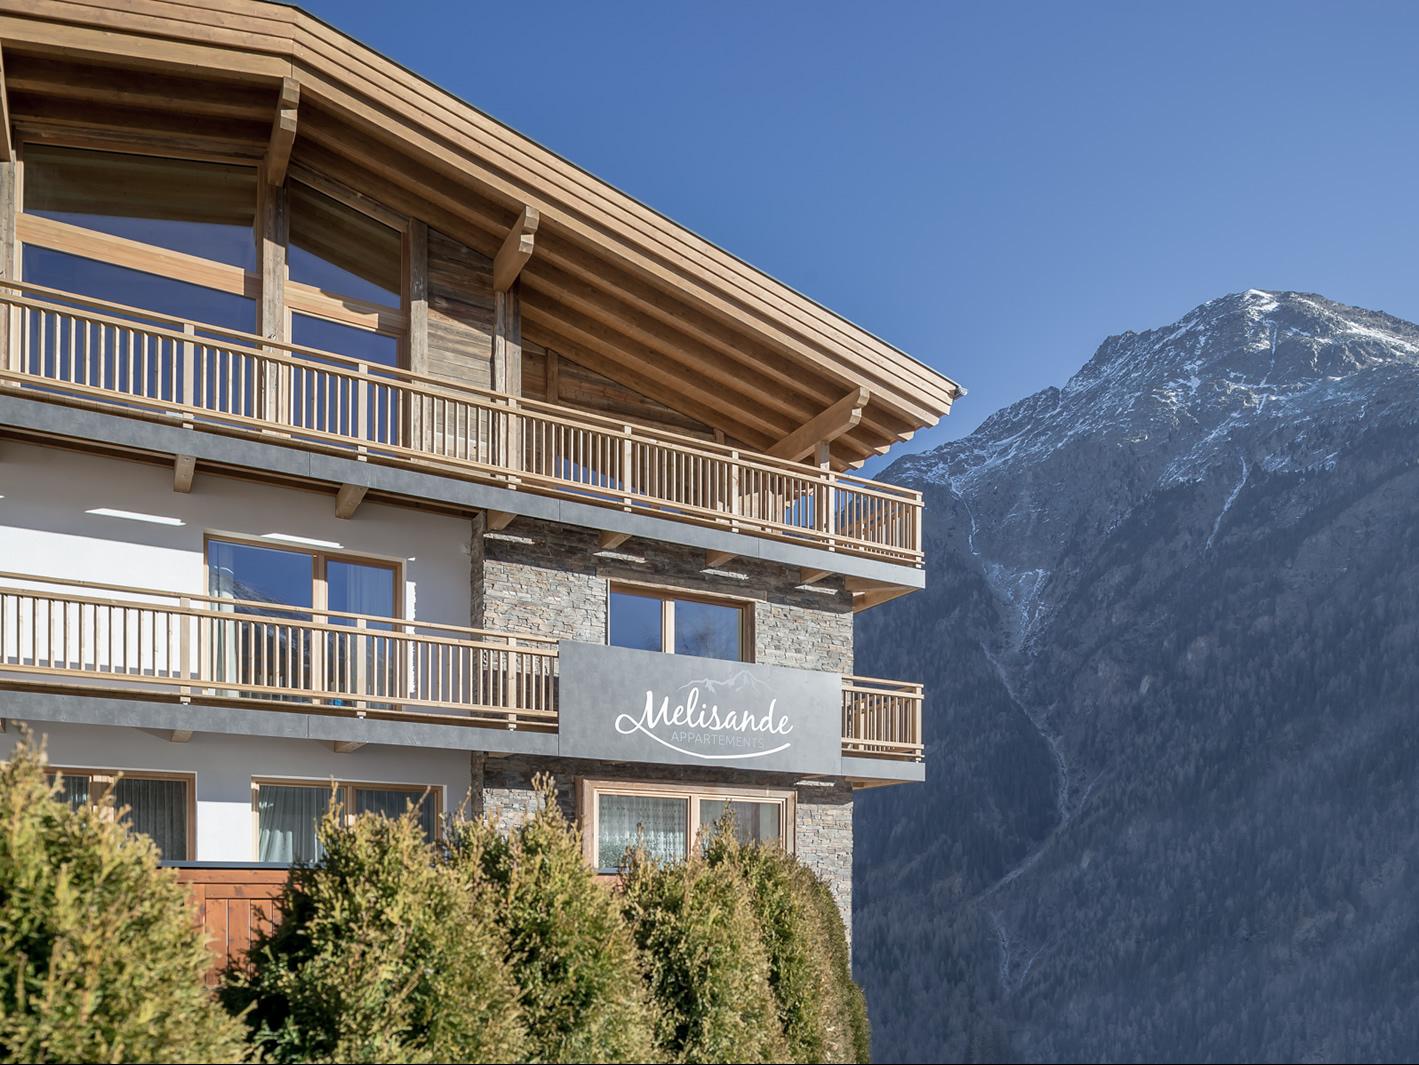 Chalet-appartement The Peak Melisande 2 - 4-5 personen